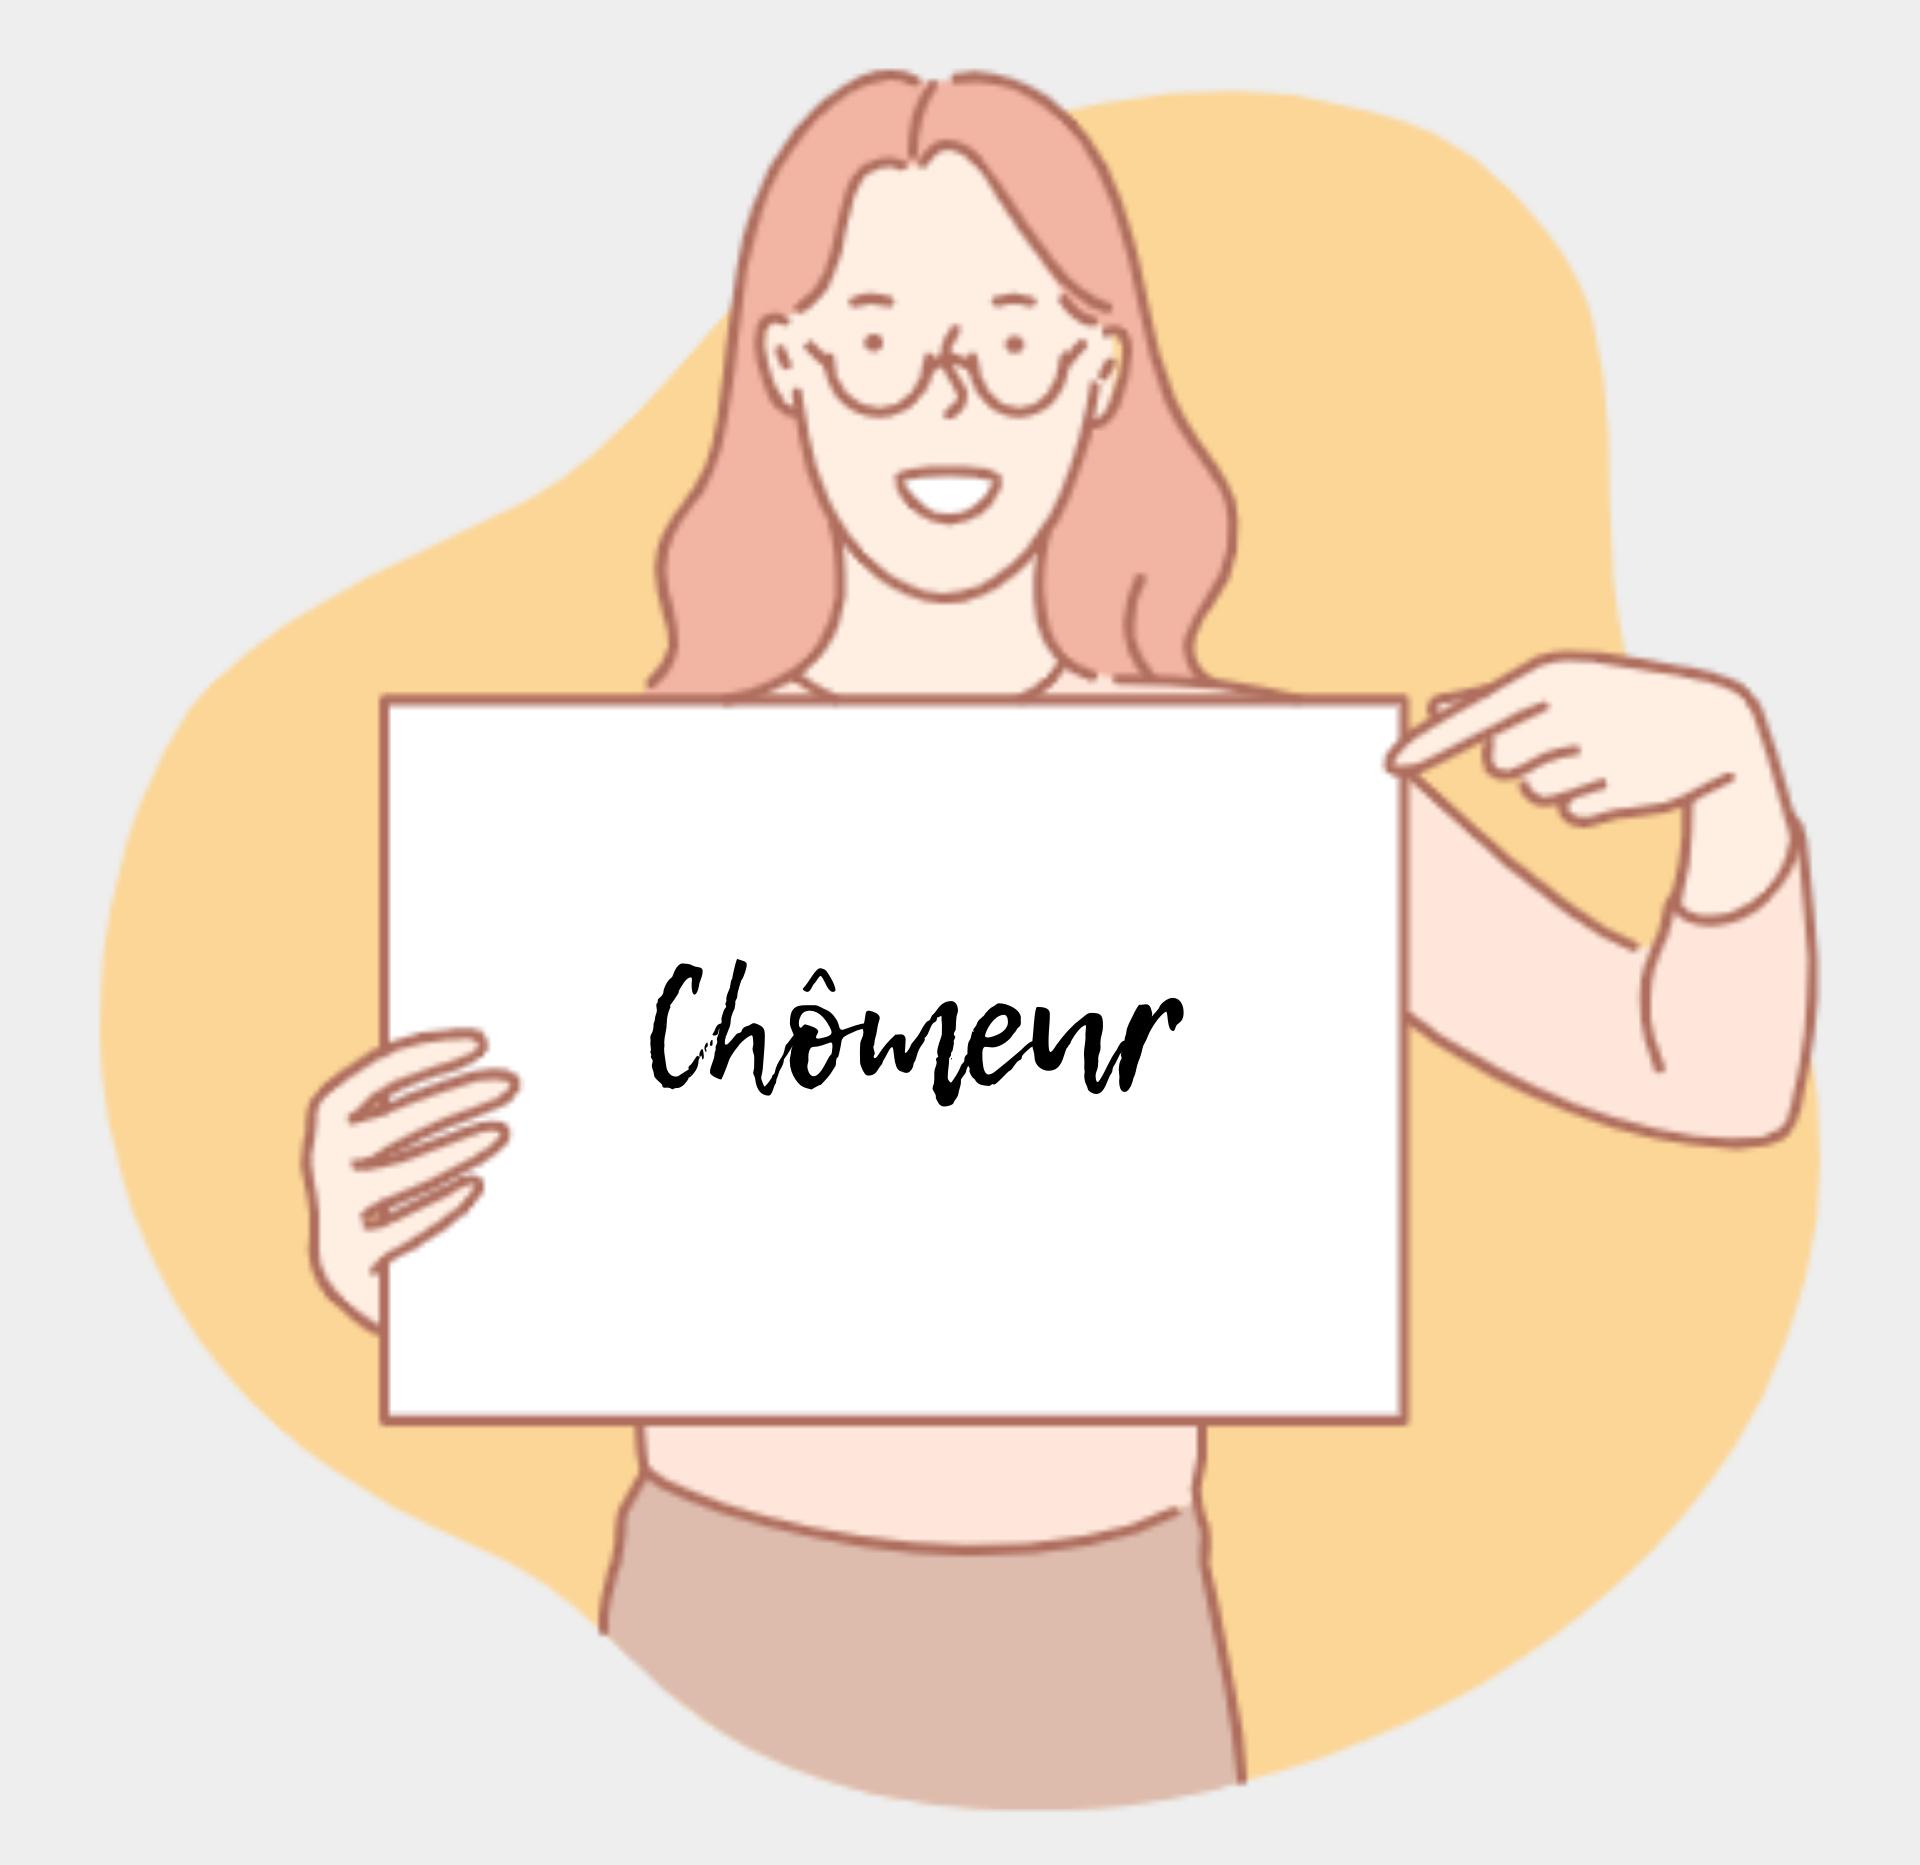 Un chômeur qui souhaite saisir sa chance en rédaction web